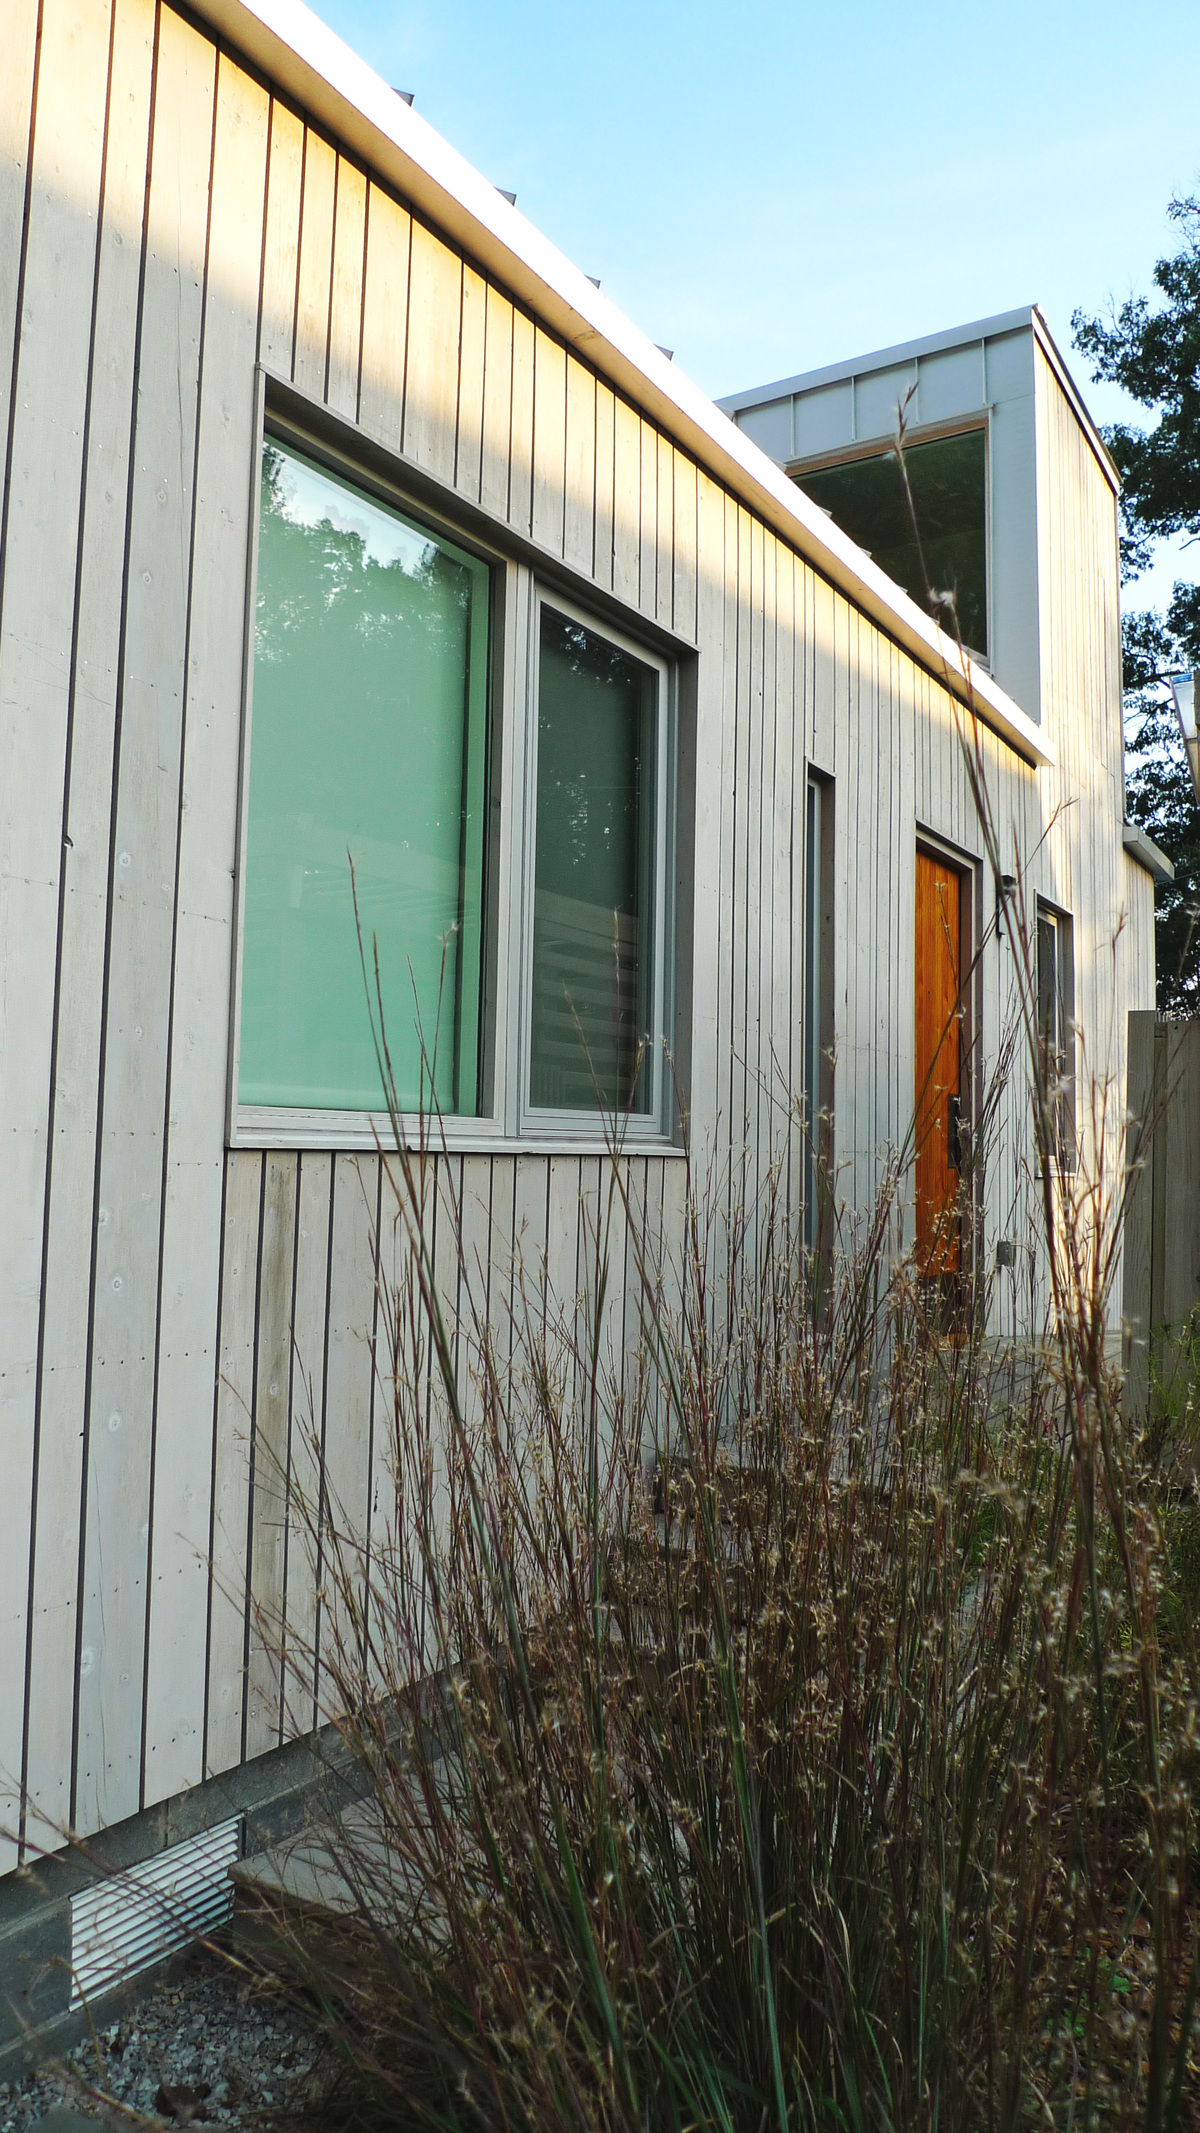 The late summer texture and color of Little Bluestem (Schizachyrium scoparium) complement the colors of the home